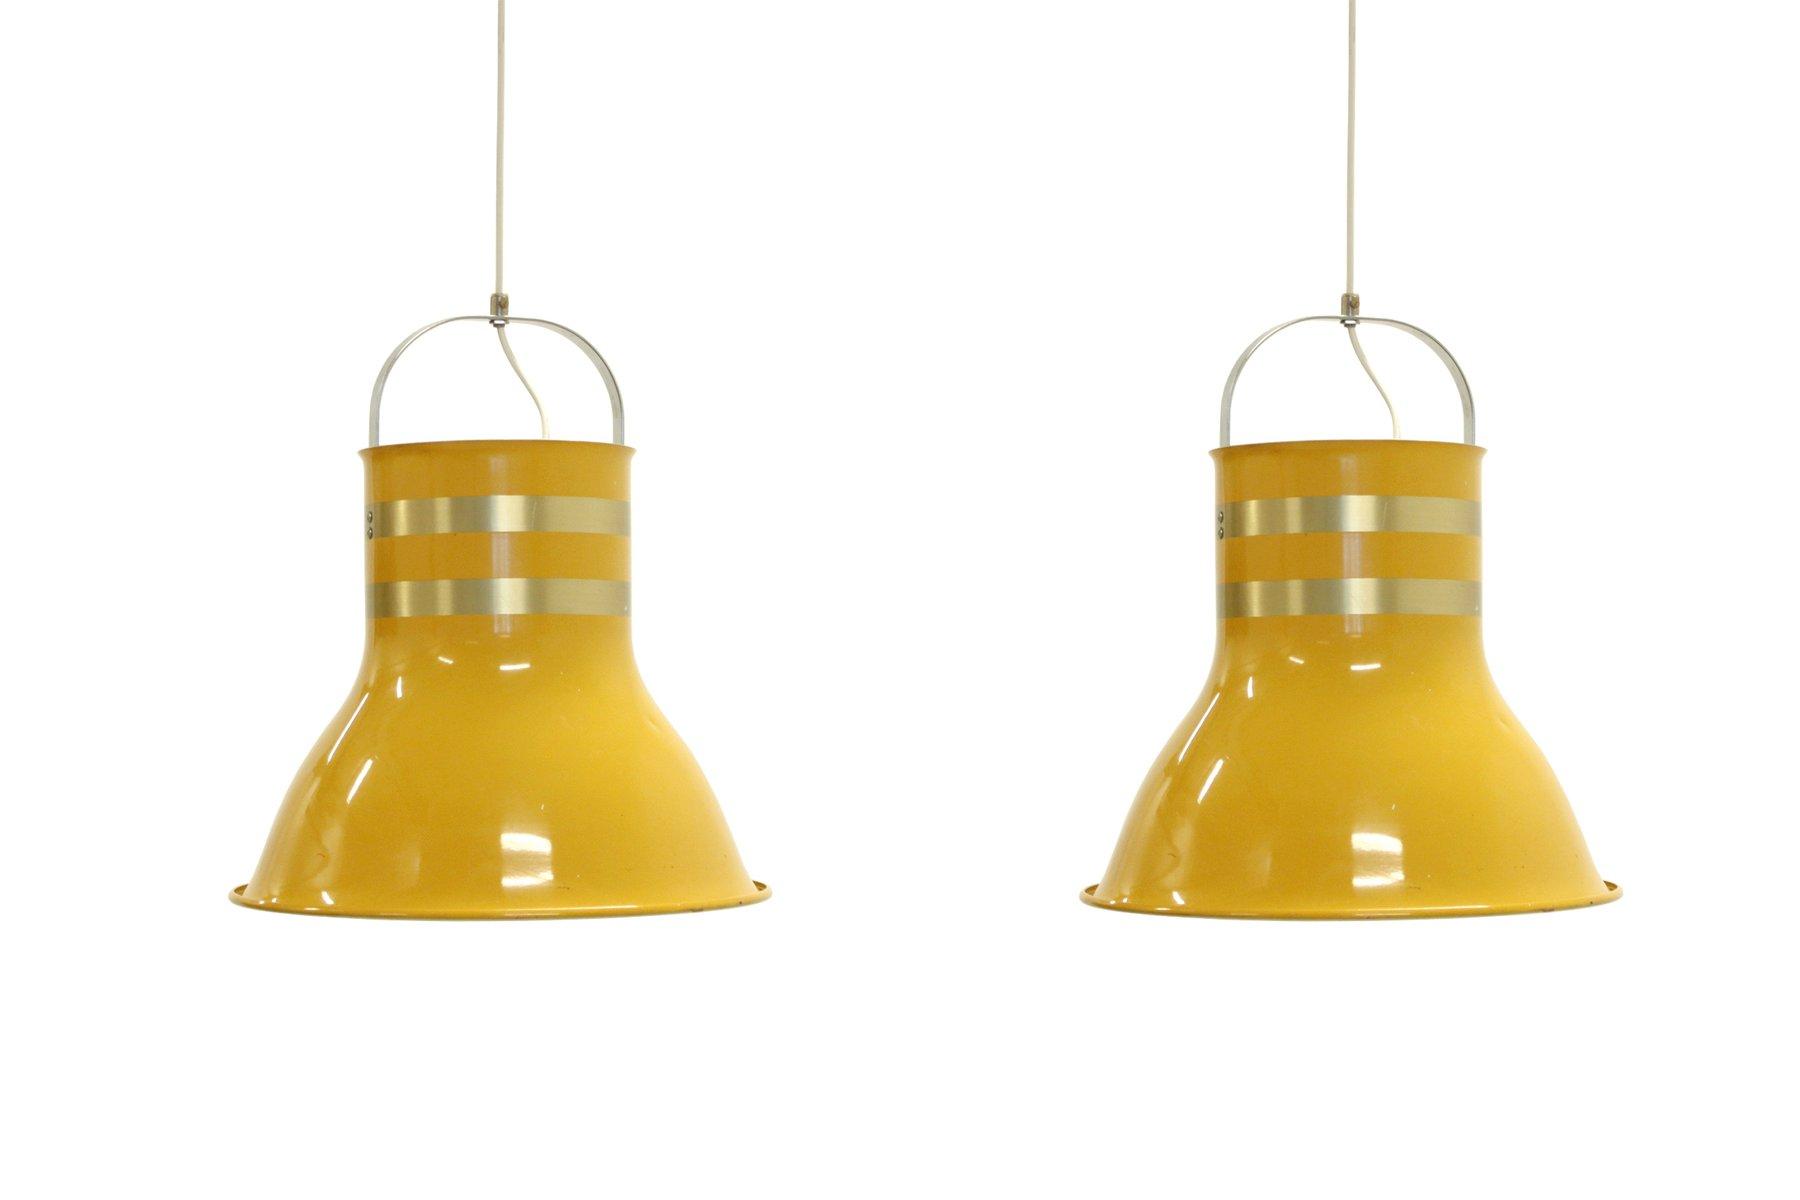 Große Schwedische Deckenlampen von Per Sundstedt für Kosta, 1970er, 2e...